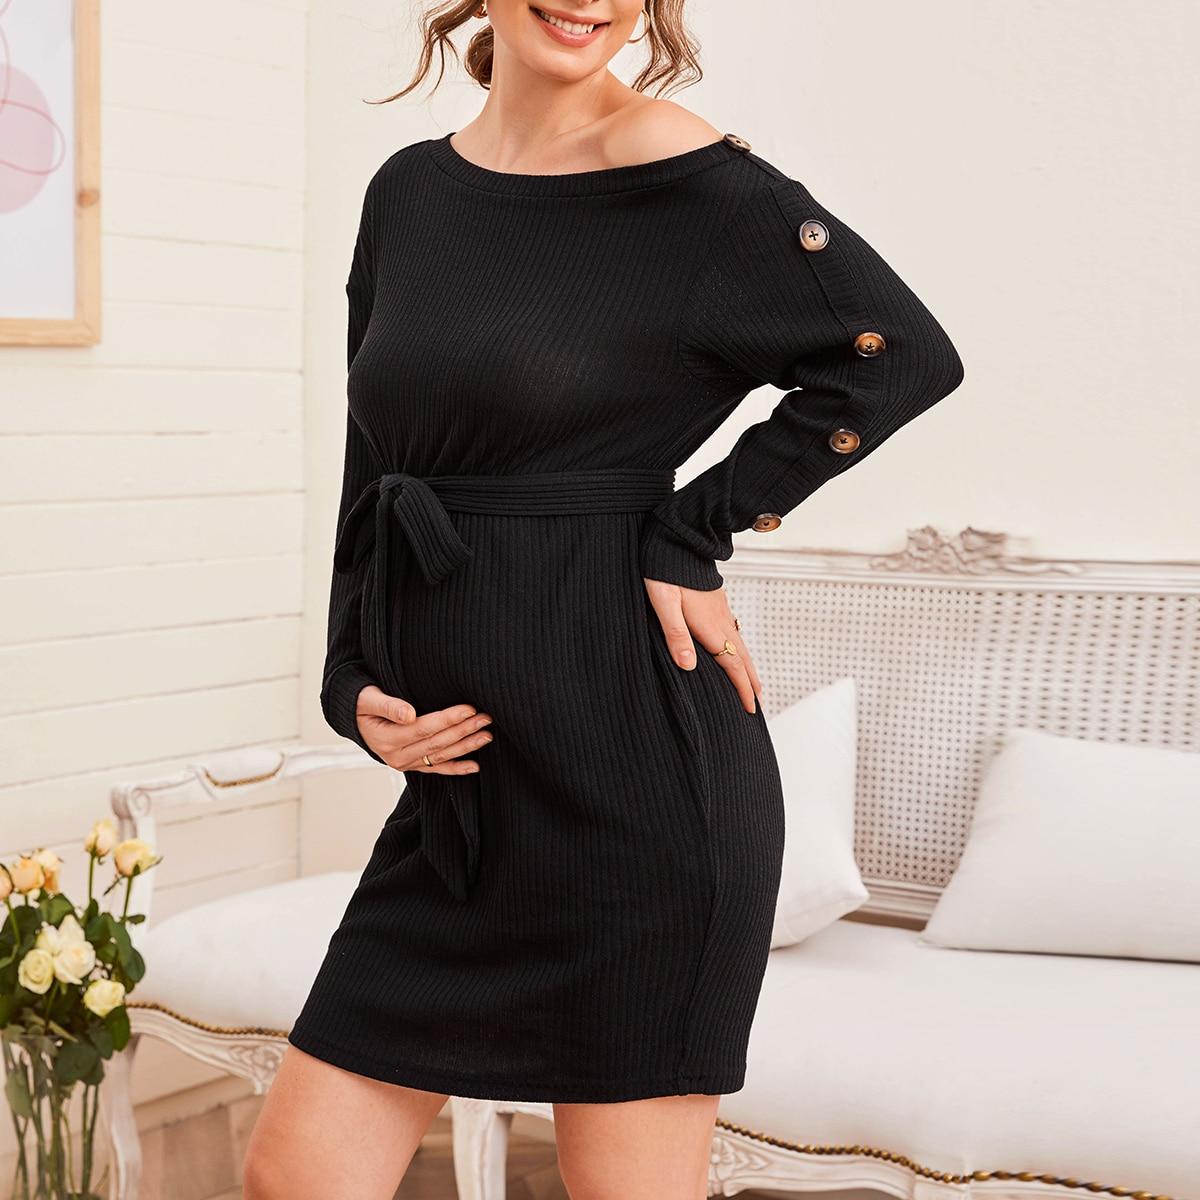 Асимметричное трикотажное платье для беременных с поясом от SHEIN